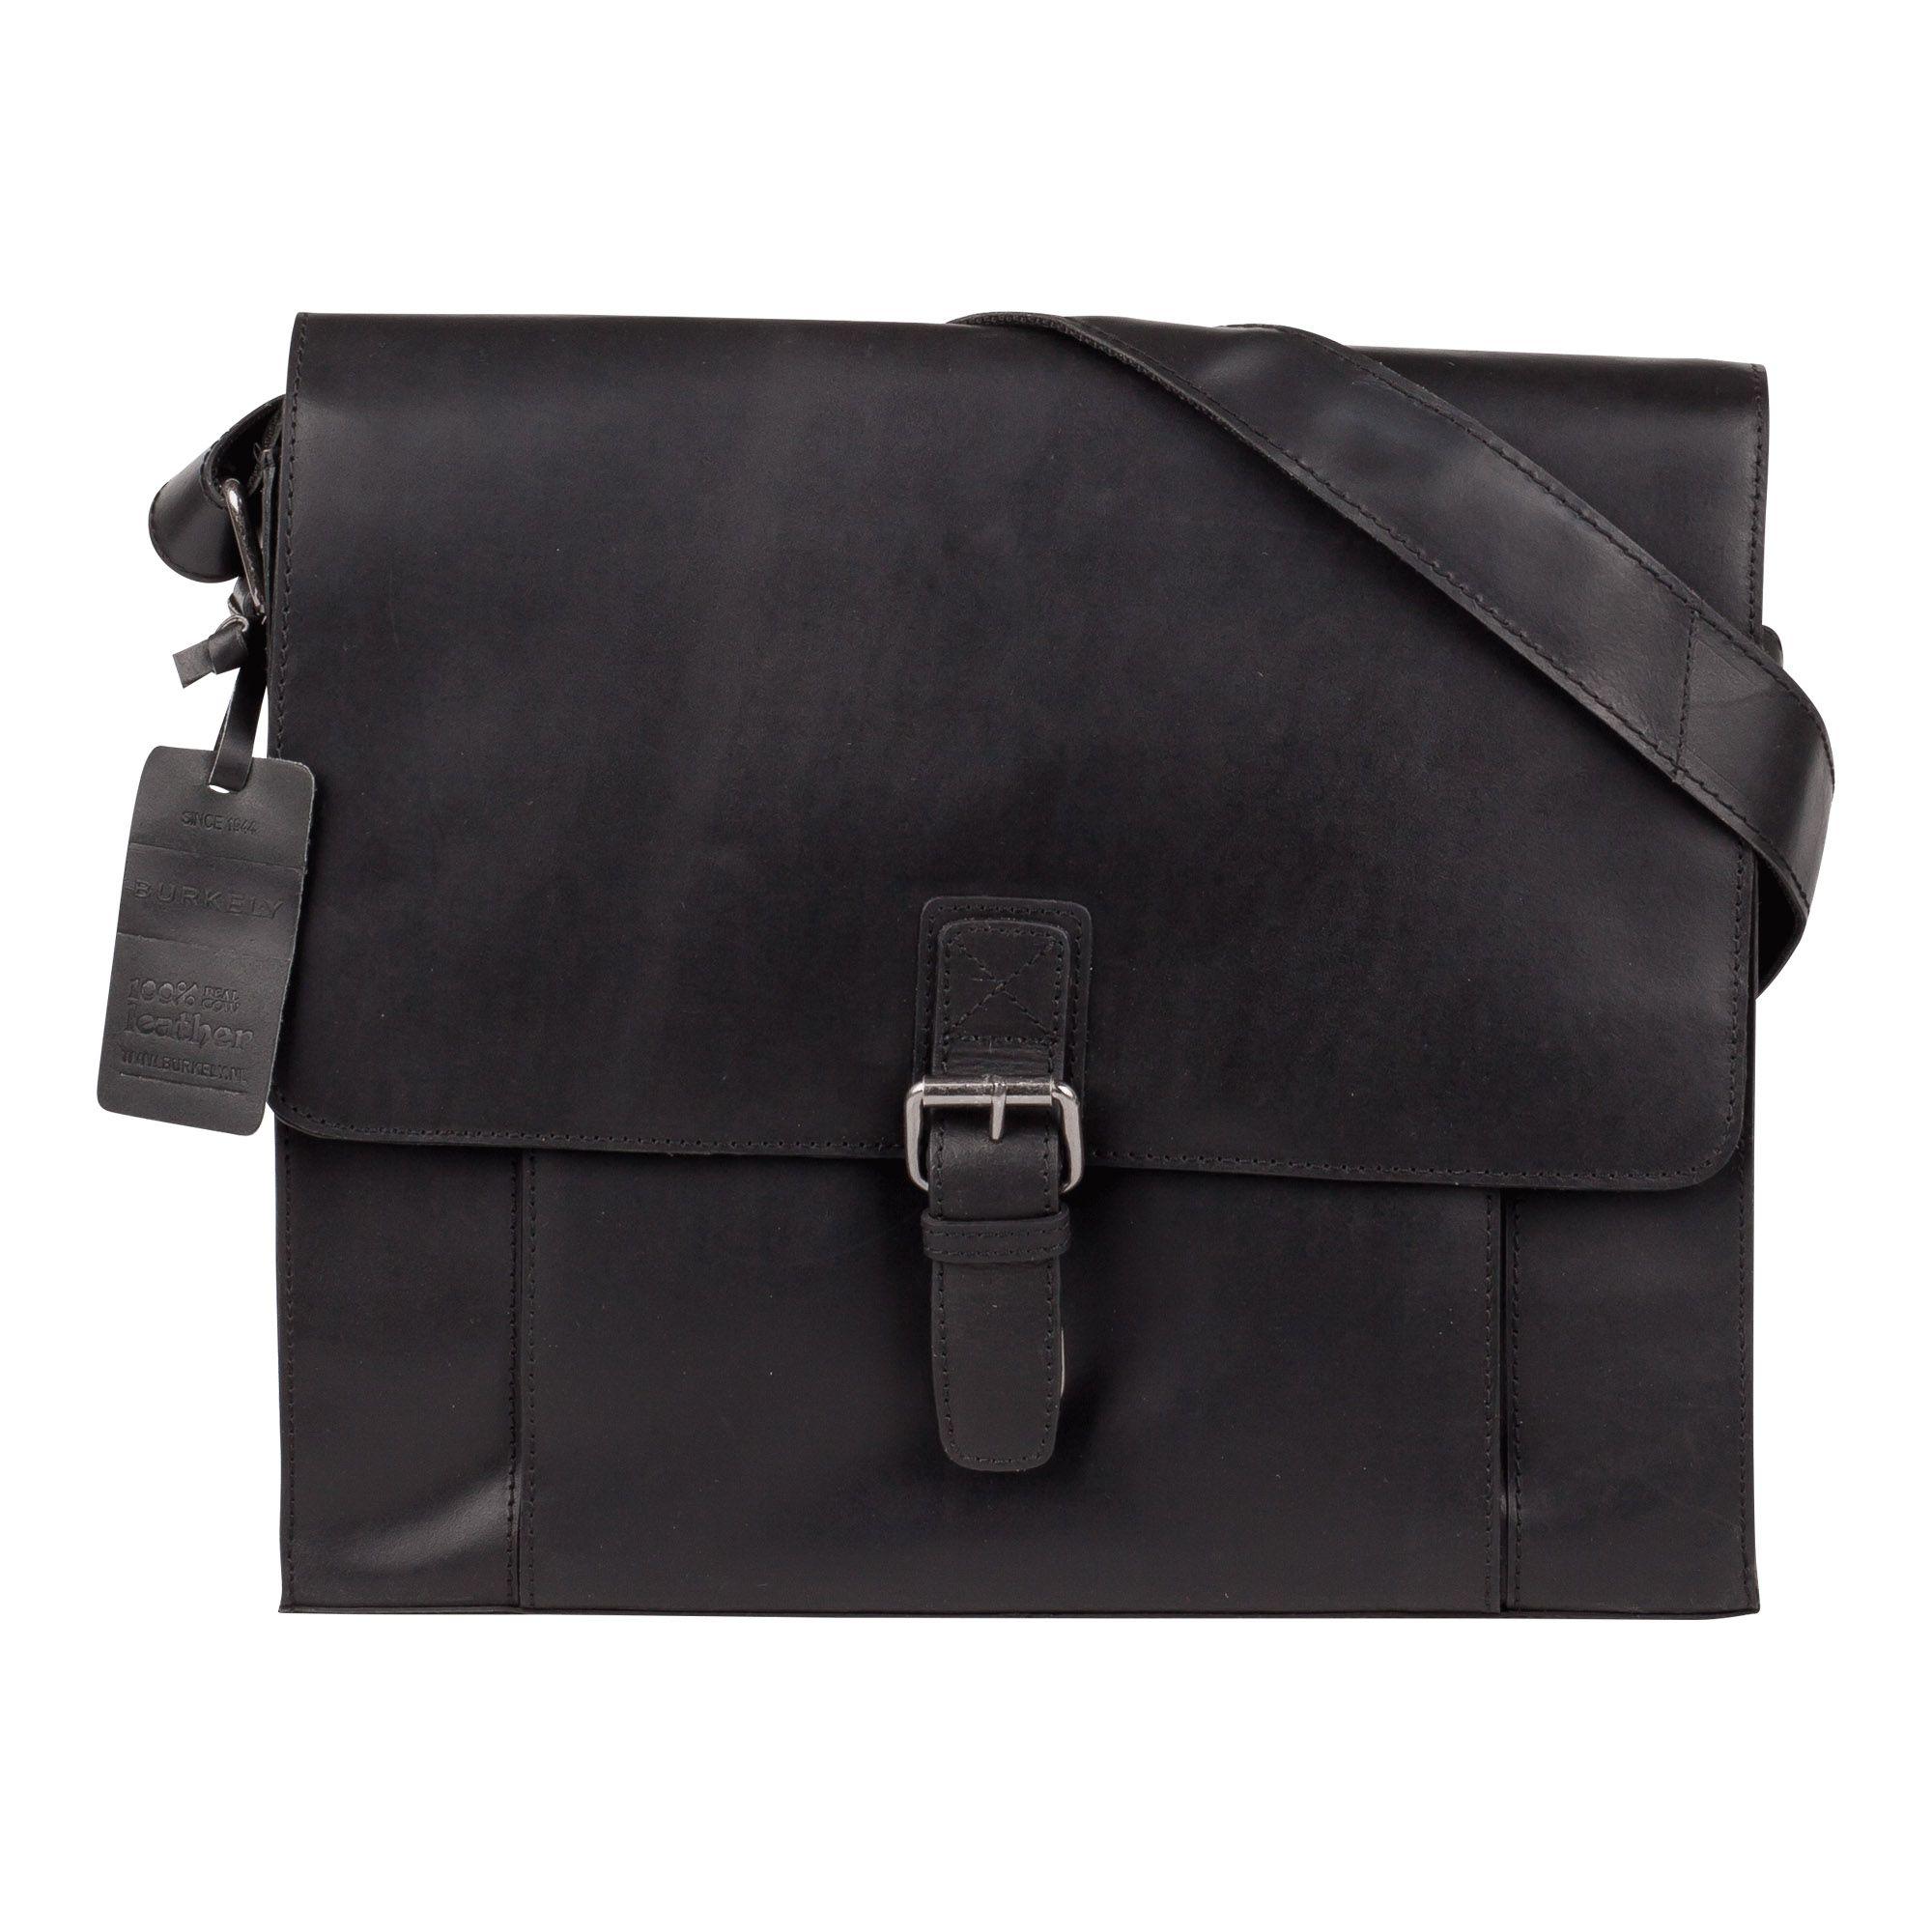 Burkely Mick Vintage Shoulderbag Black 13 inch